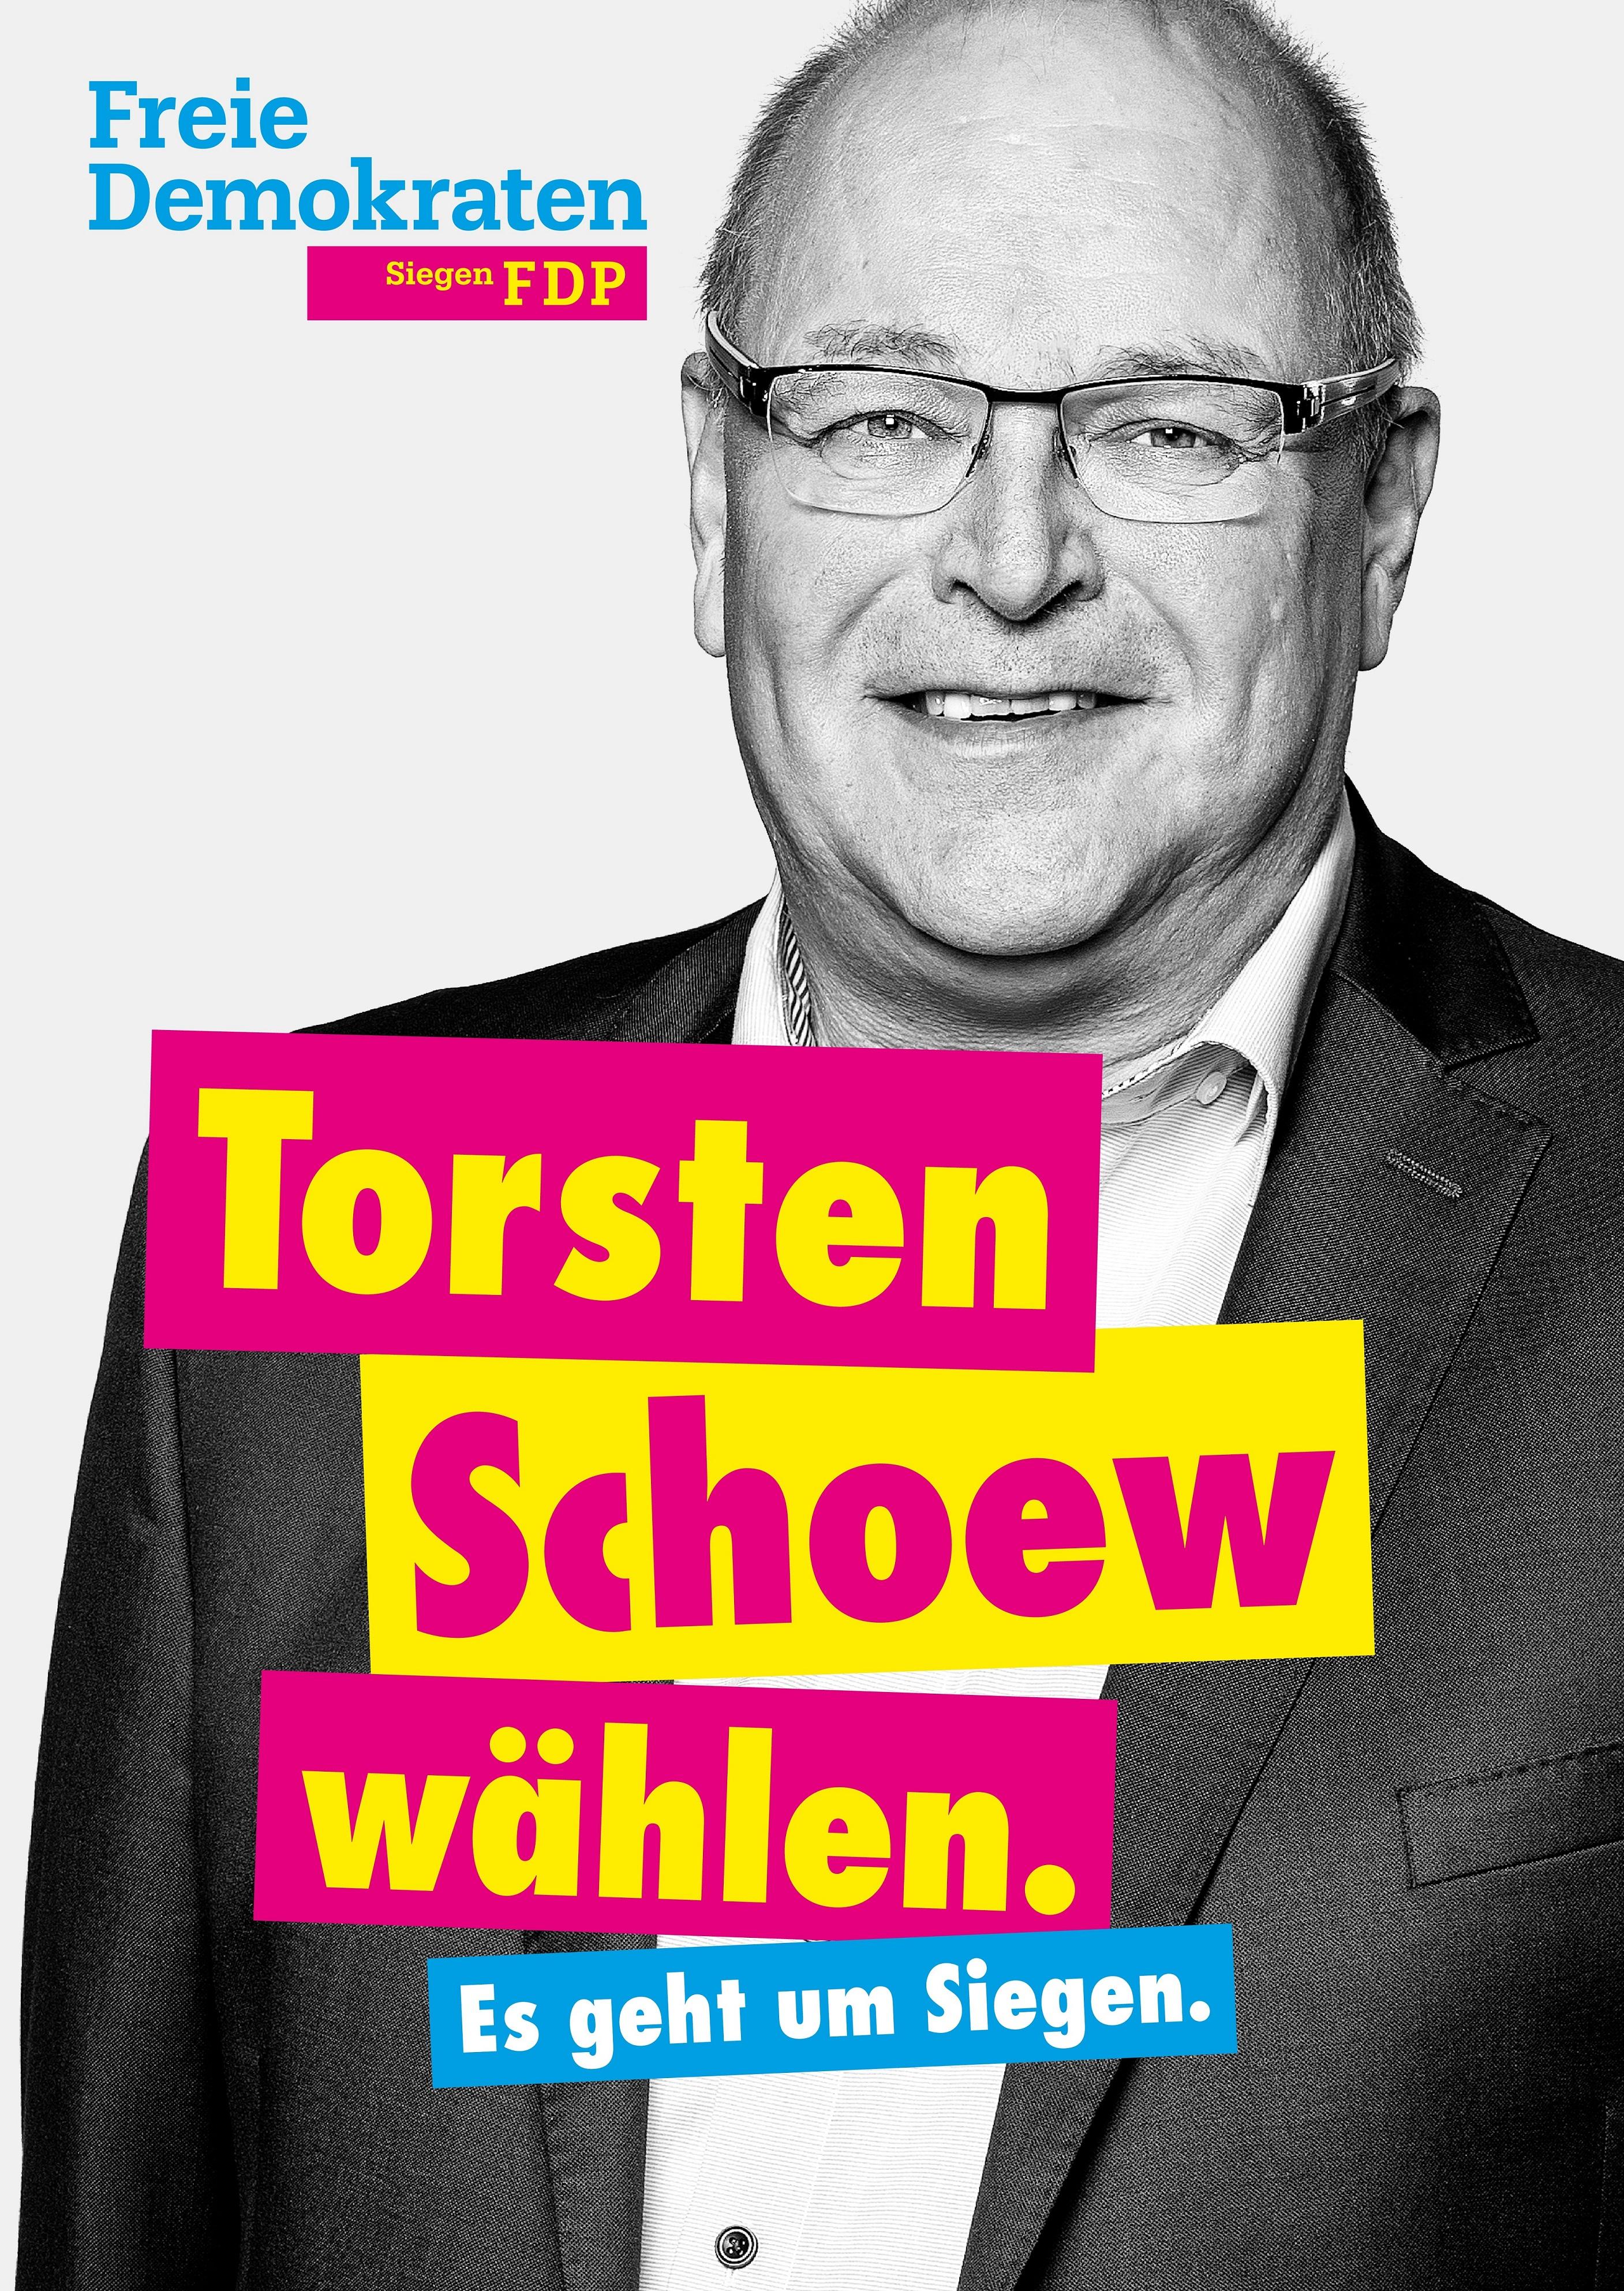 Torsten Schoew